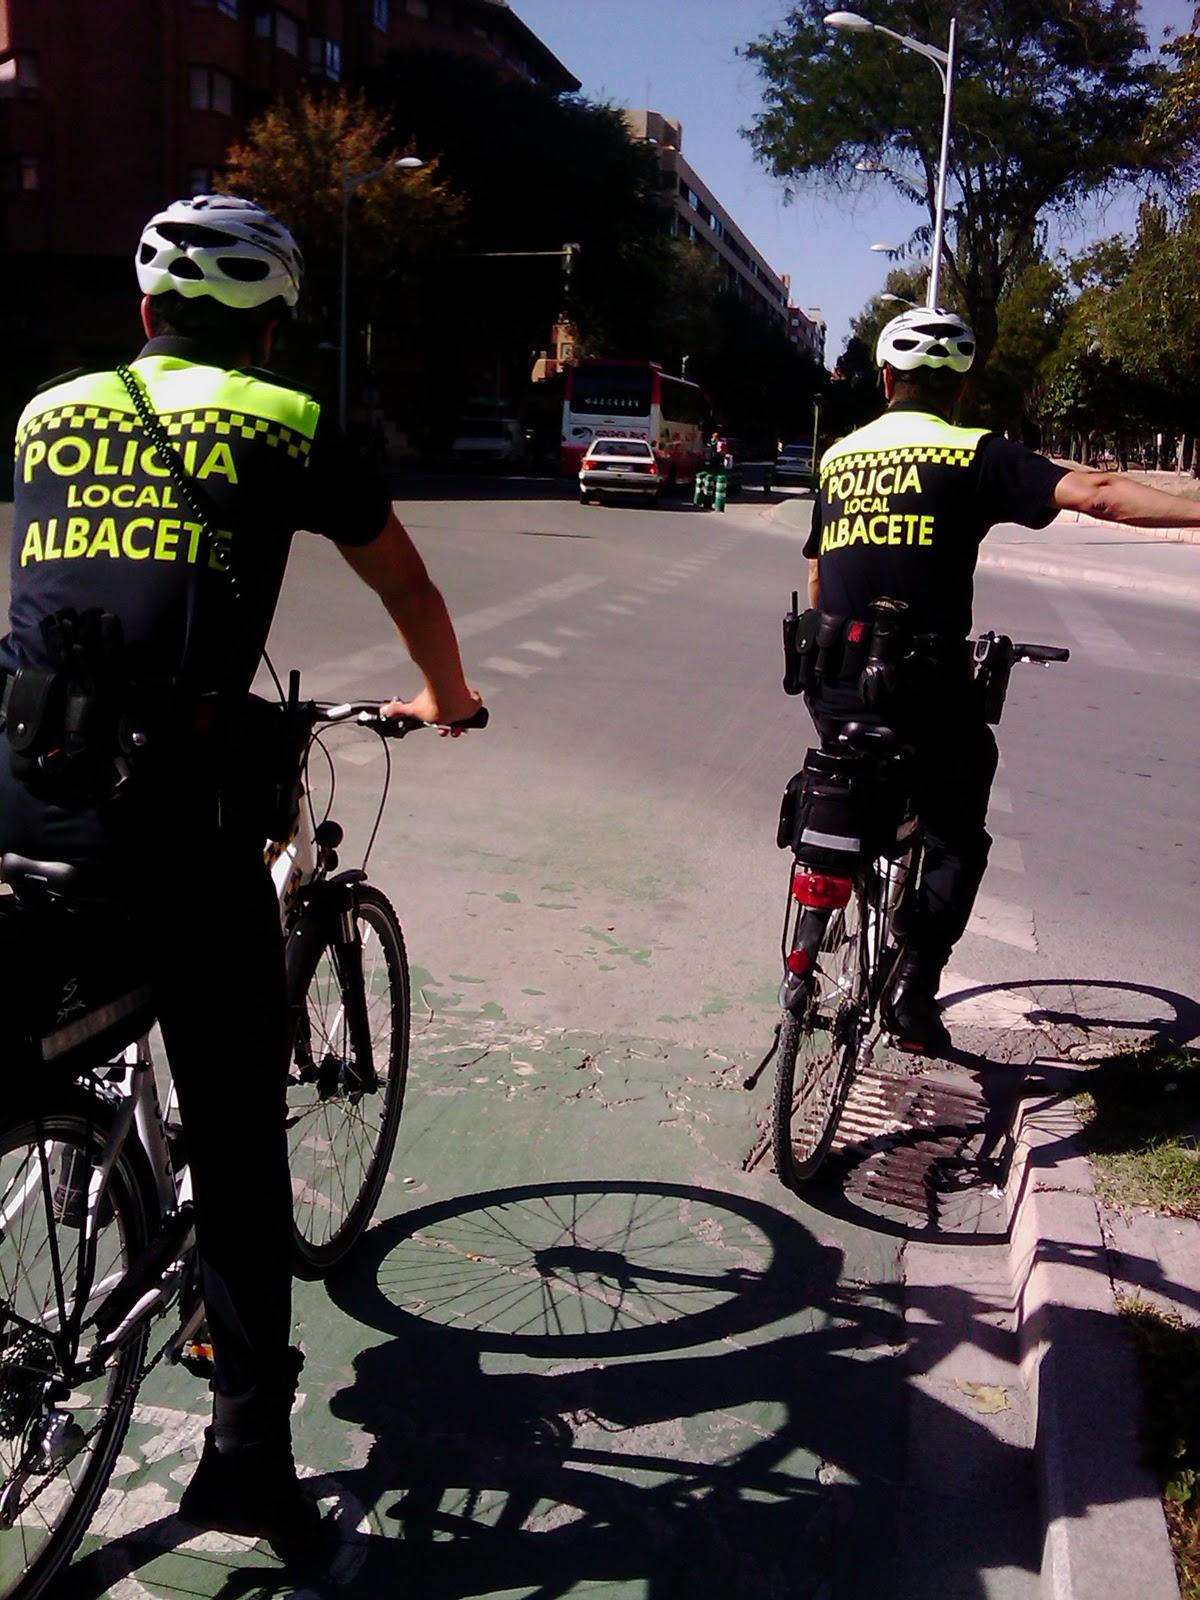 Albacete Fuente: curba.org